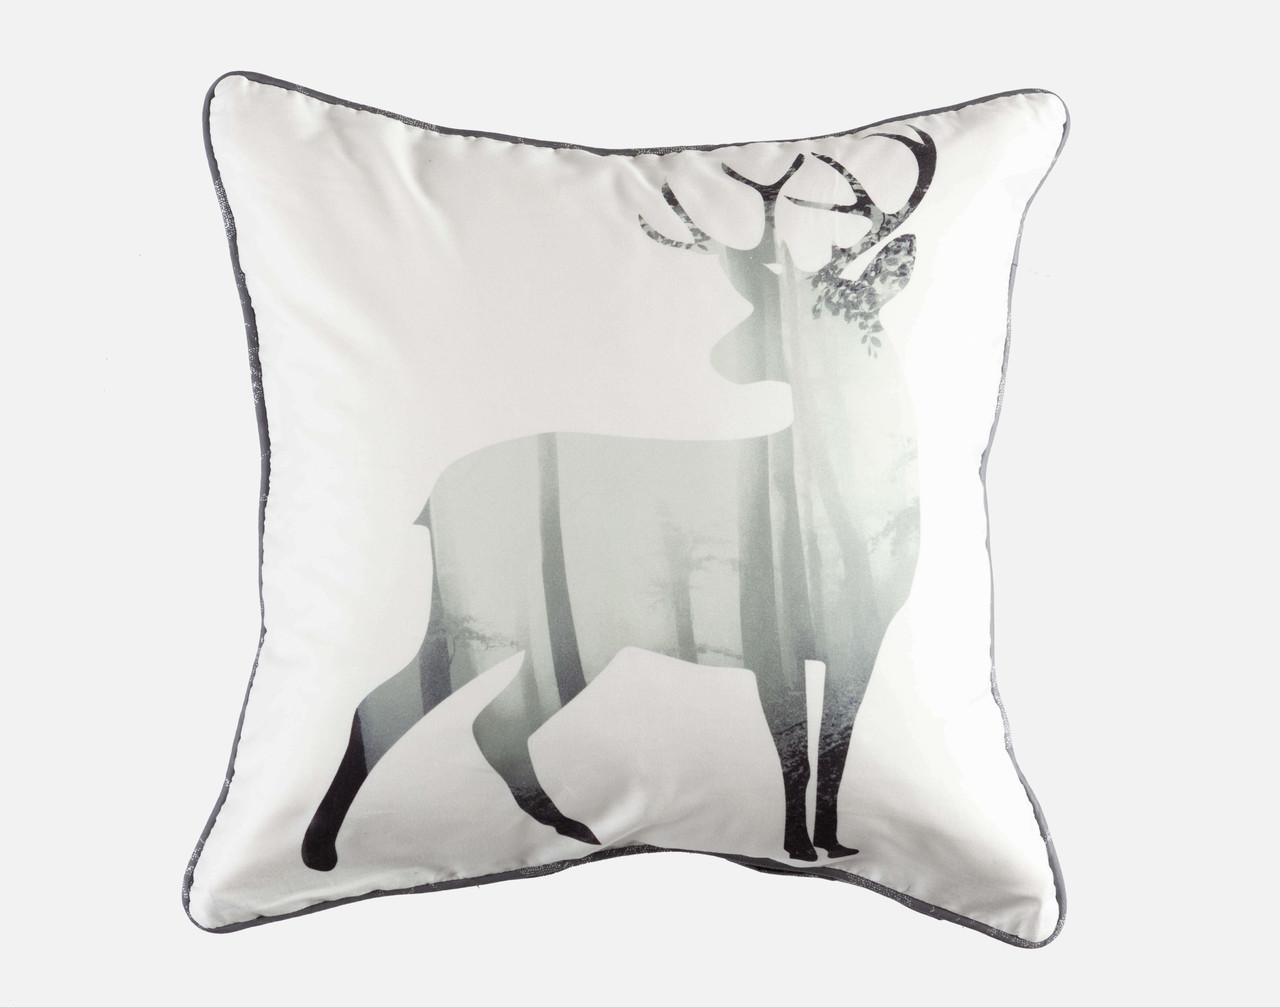 Birchgrove Square Cushion Cover.